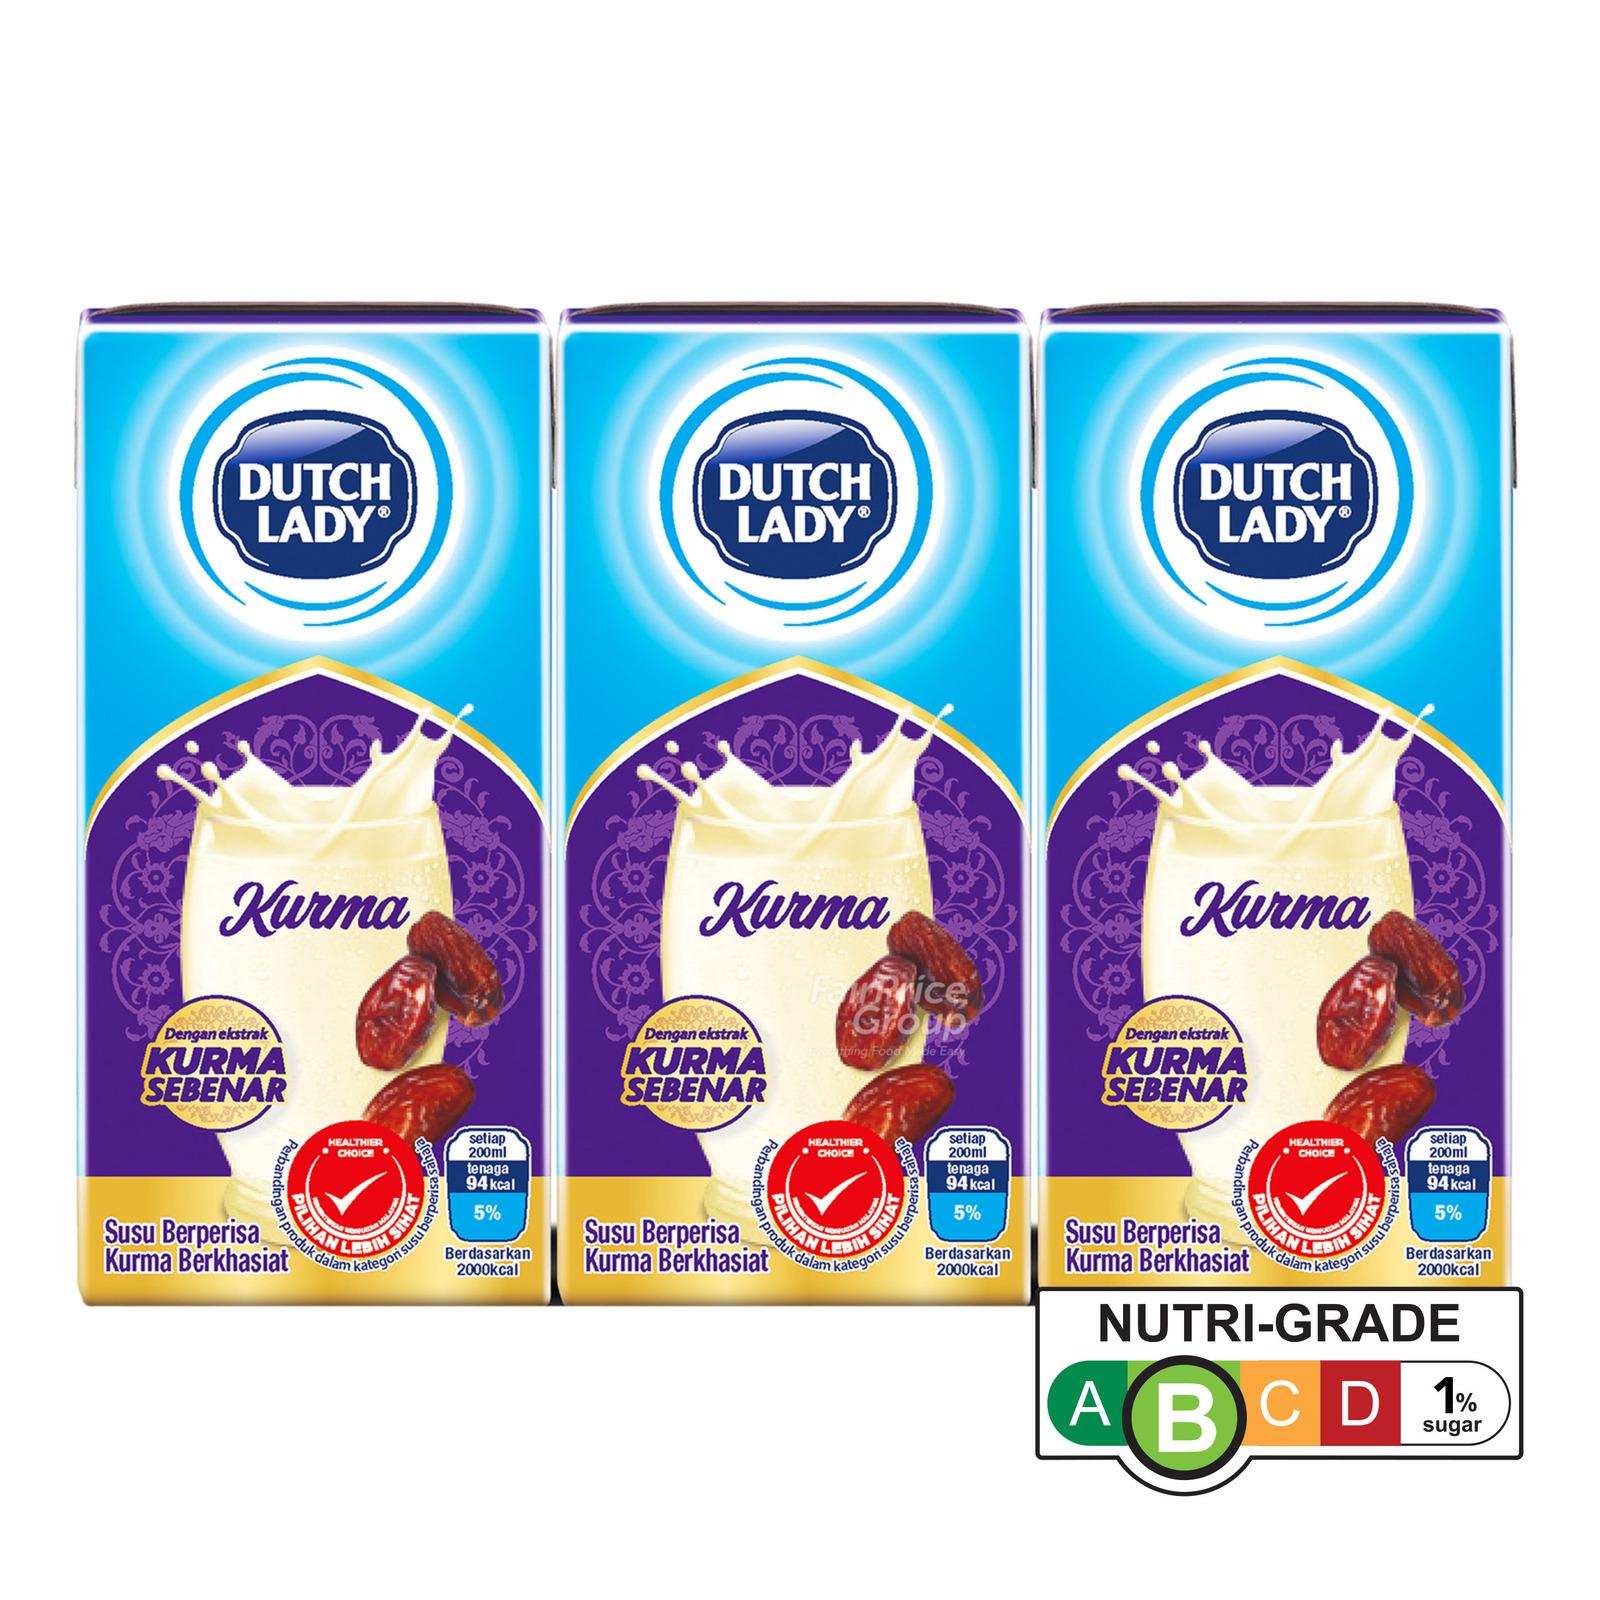 Dutch Lady UHT Milk - Kurma